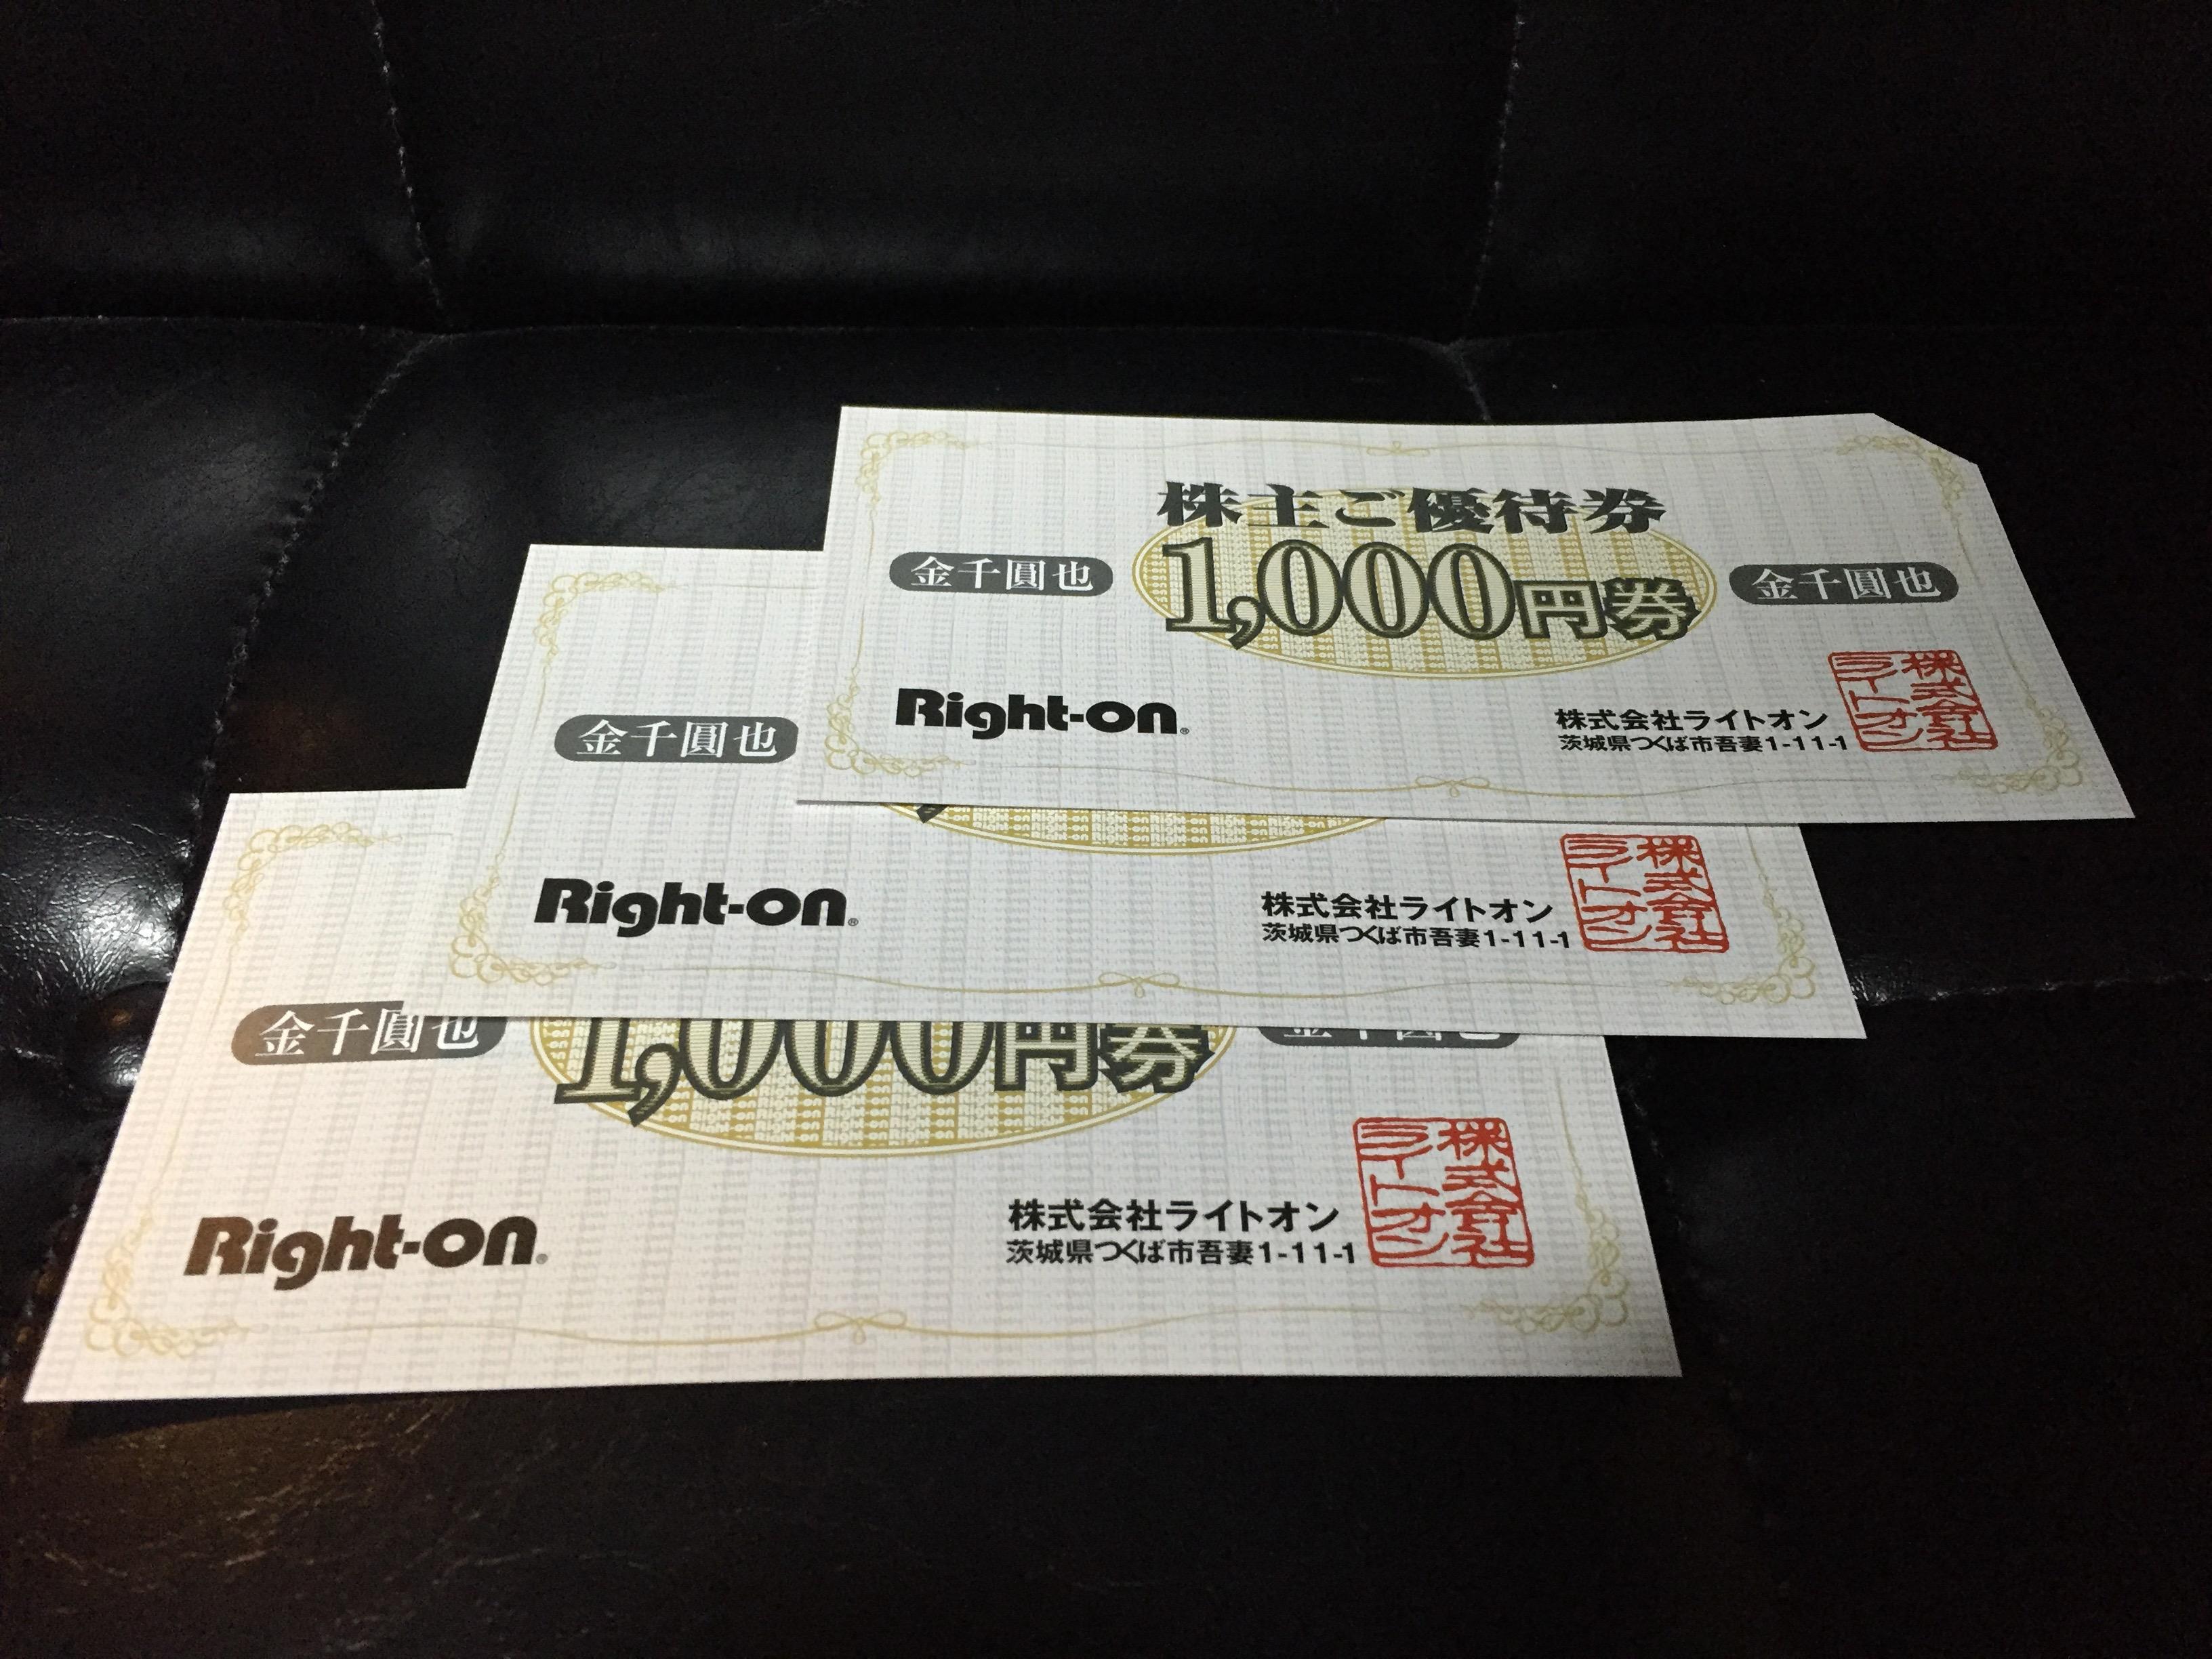 ライトオン(7445)の株主優待が到着!! 3,000円の優待券で利回りも優秀!!